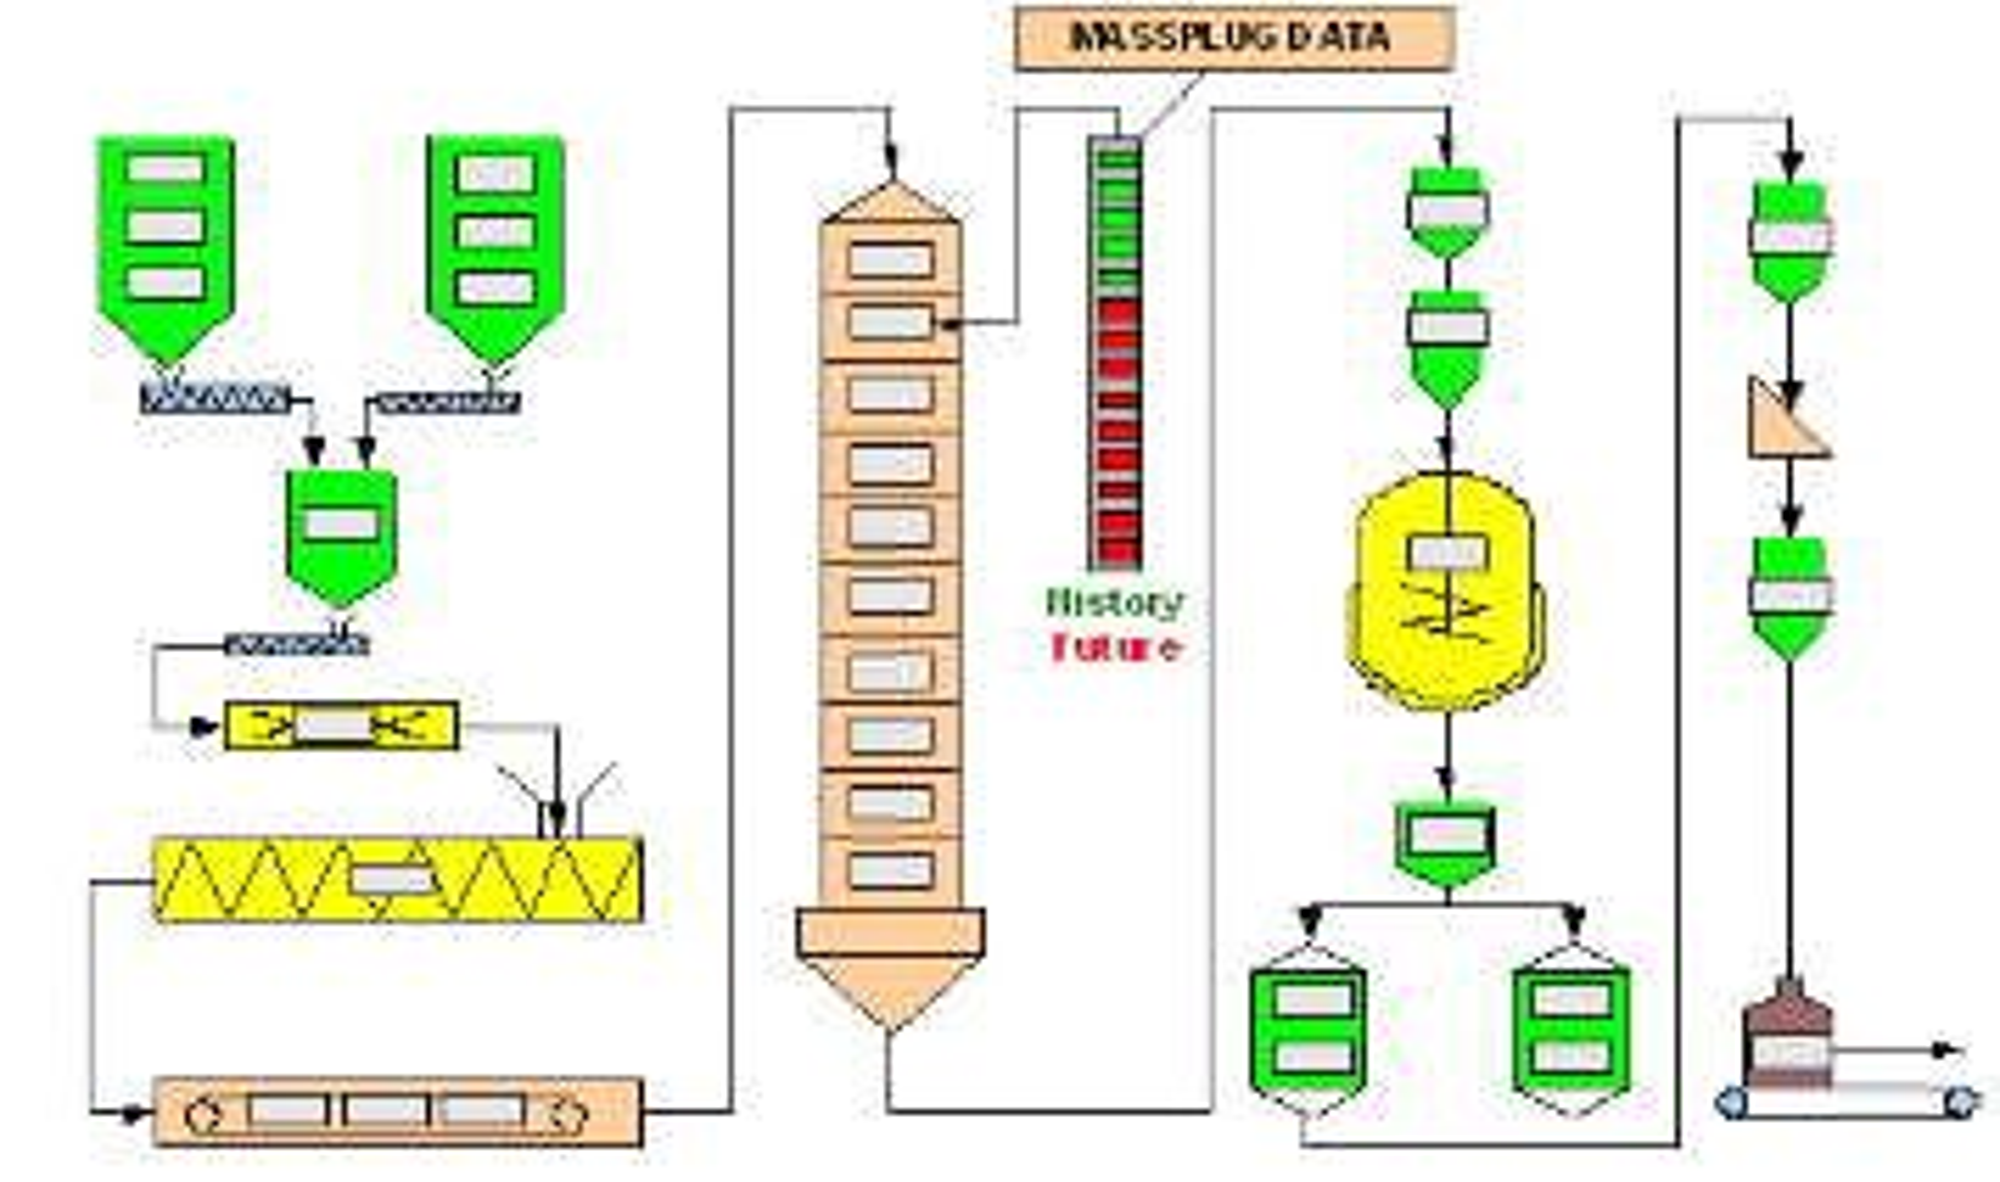 Eksempel på sporing i fôrproduksjonsfabrikk. De grå fir- kantene illustrerer masseplugger (Ill. Prediktor).